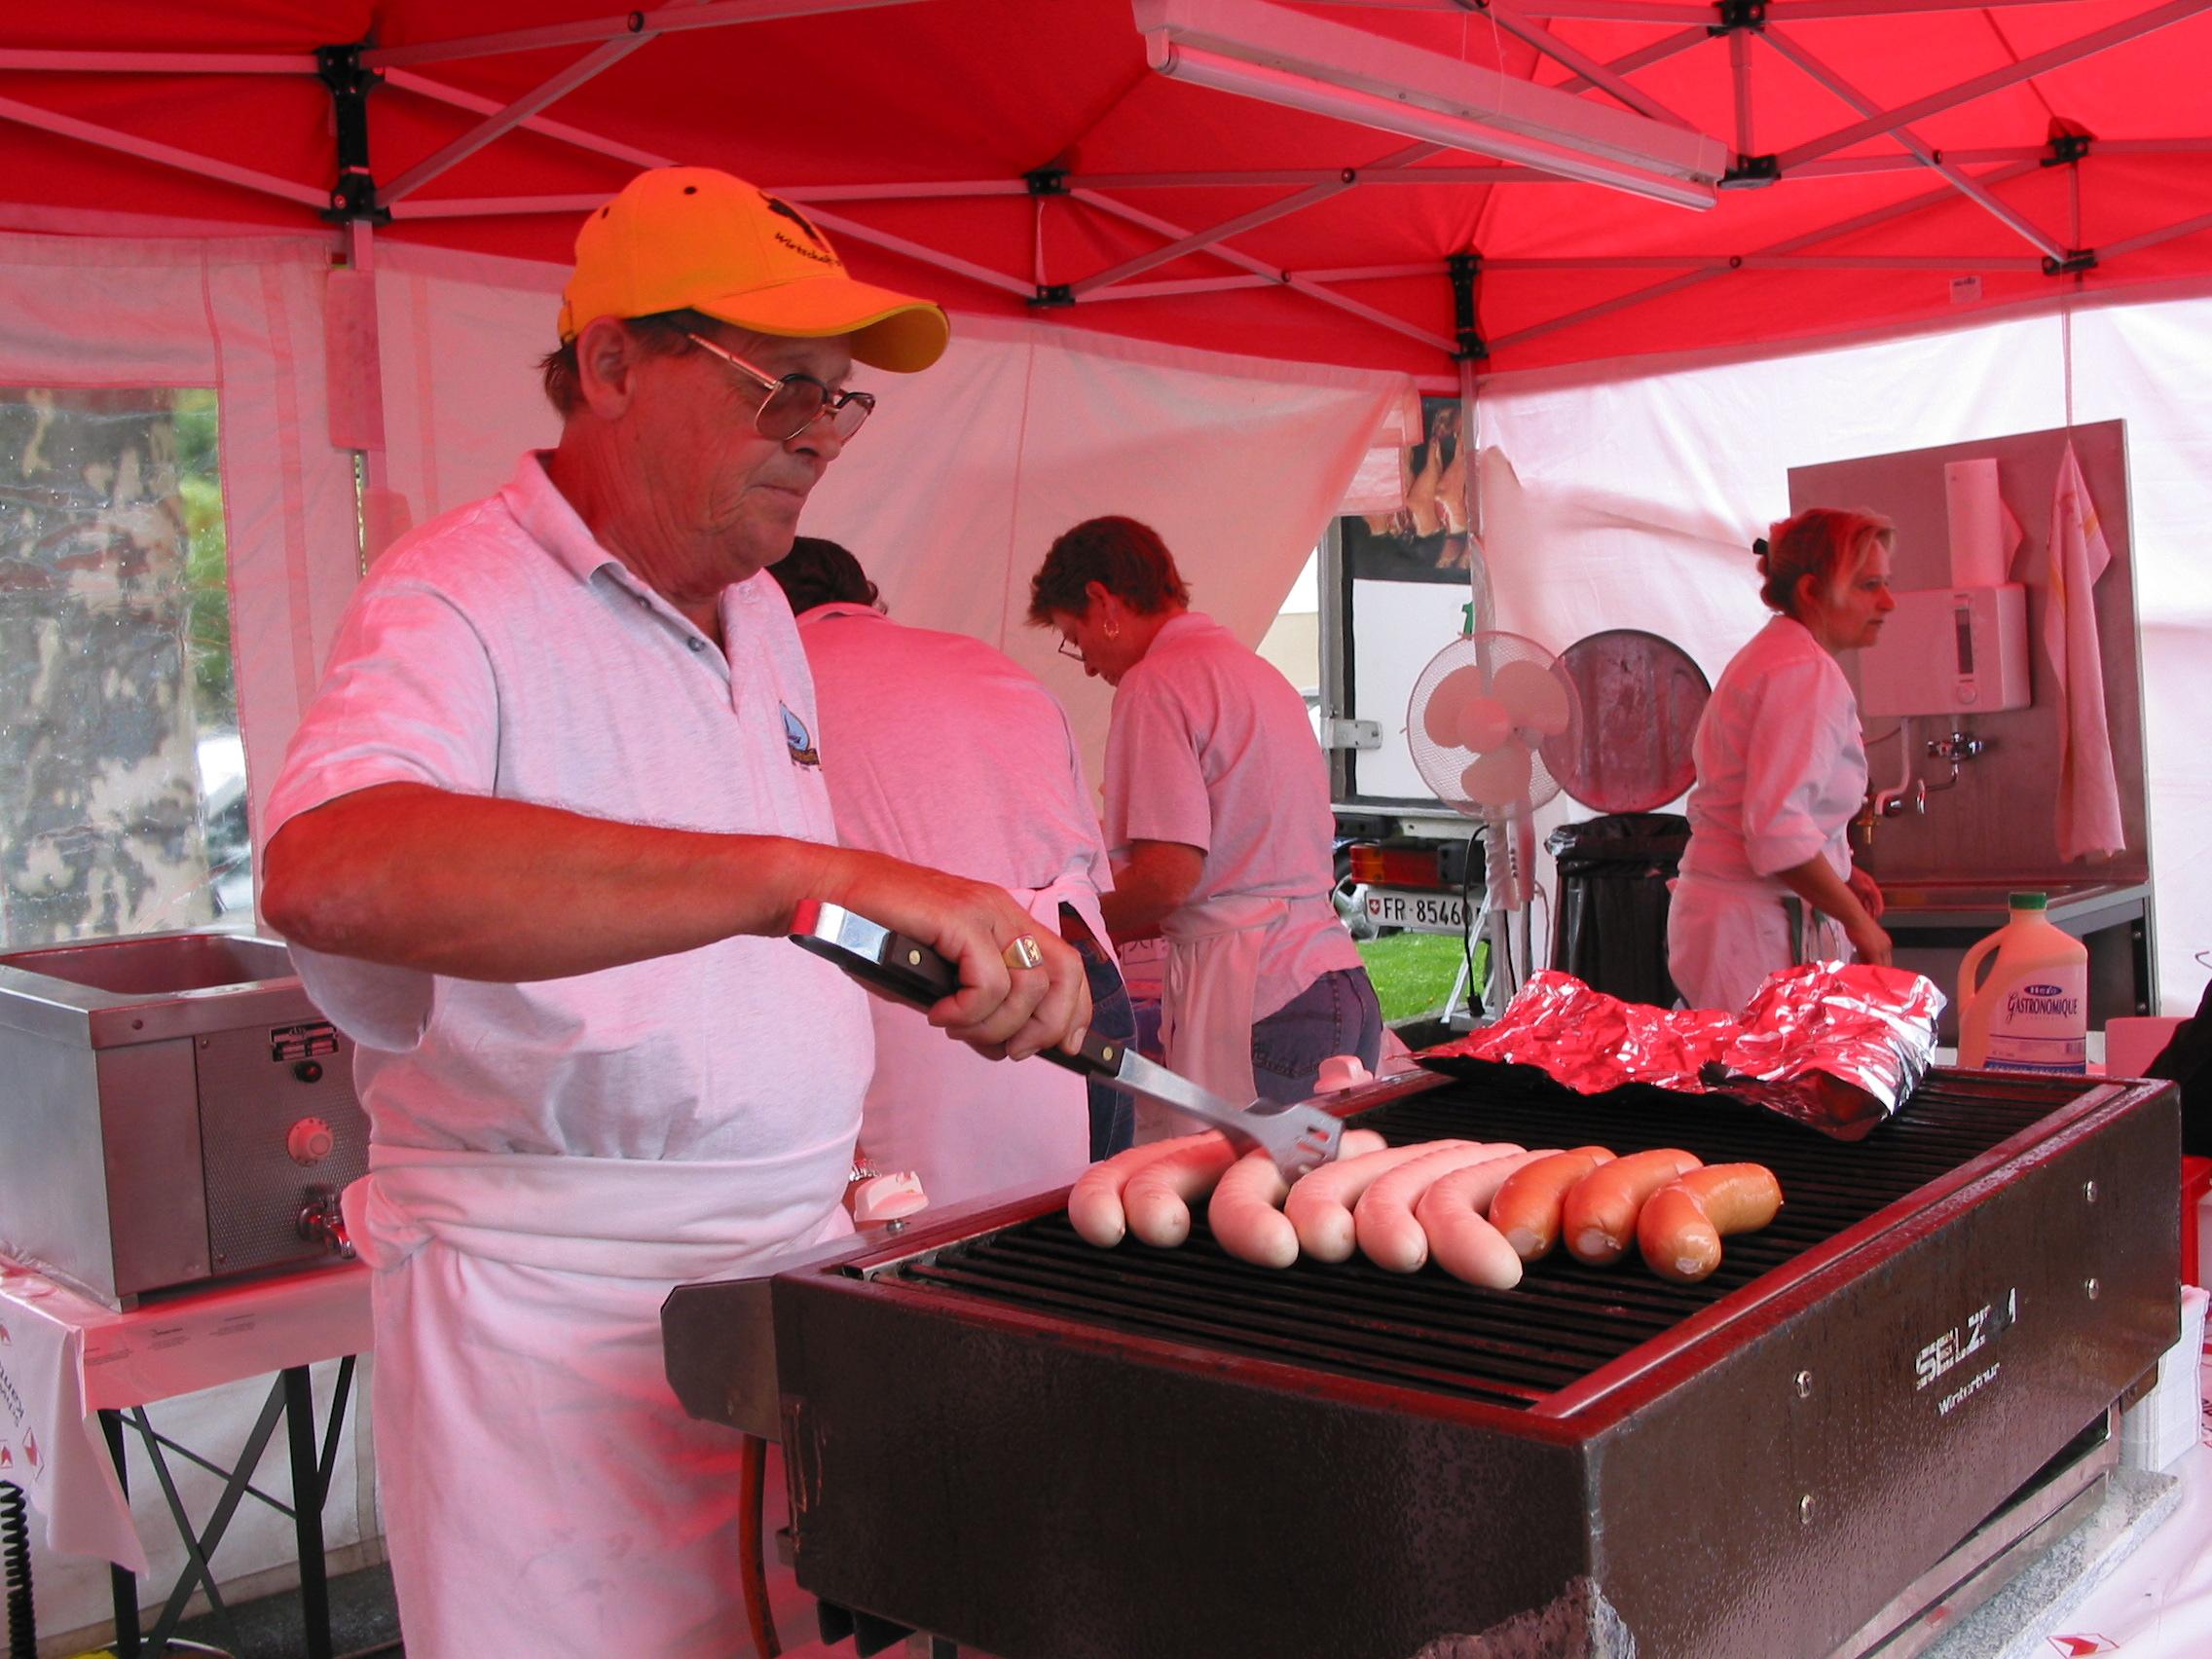 igf-hafenfest-brunnen-2005-08